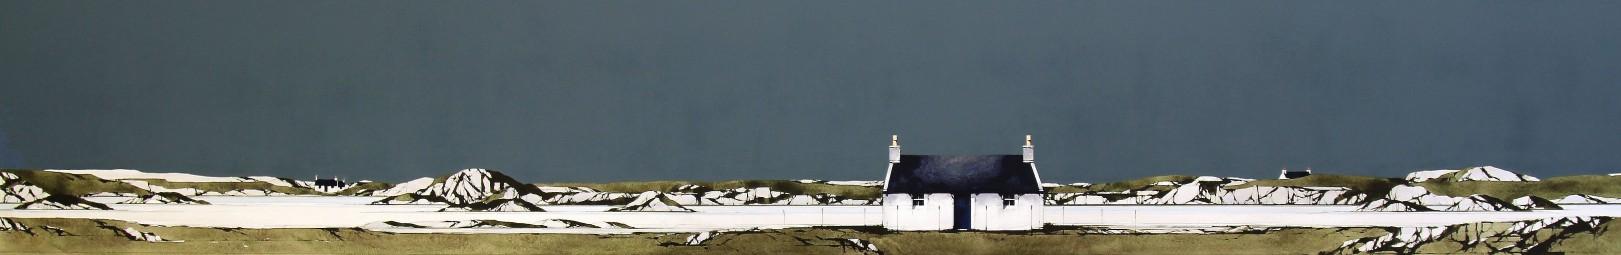 Ron Lawson_Fidden Bay, Mull III_EAS591_Watercolour & Gouache_9.5x59